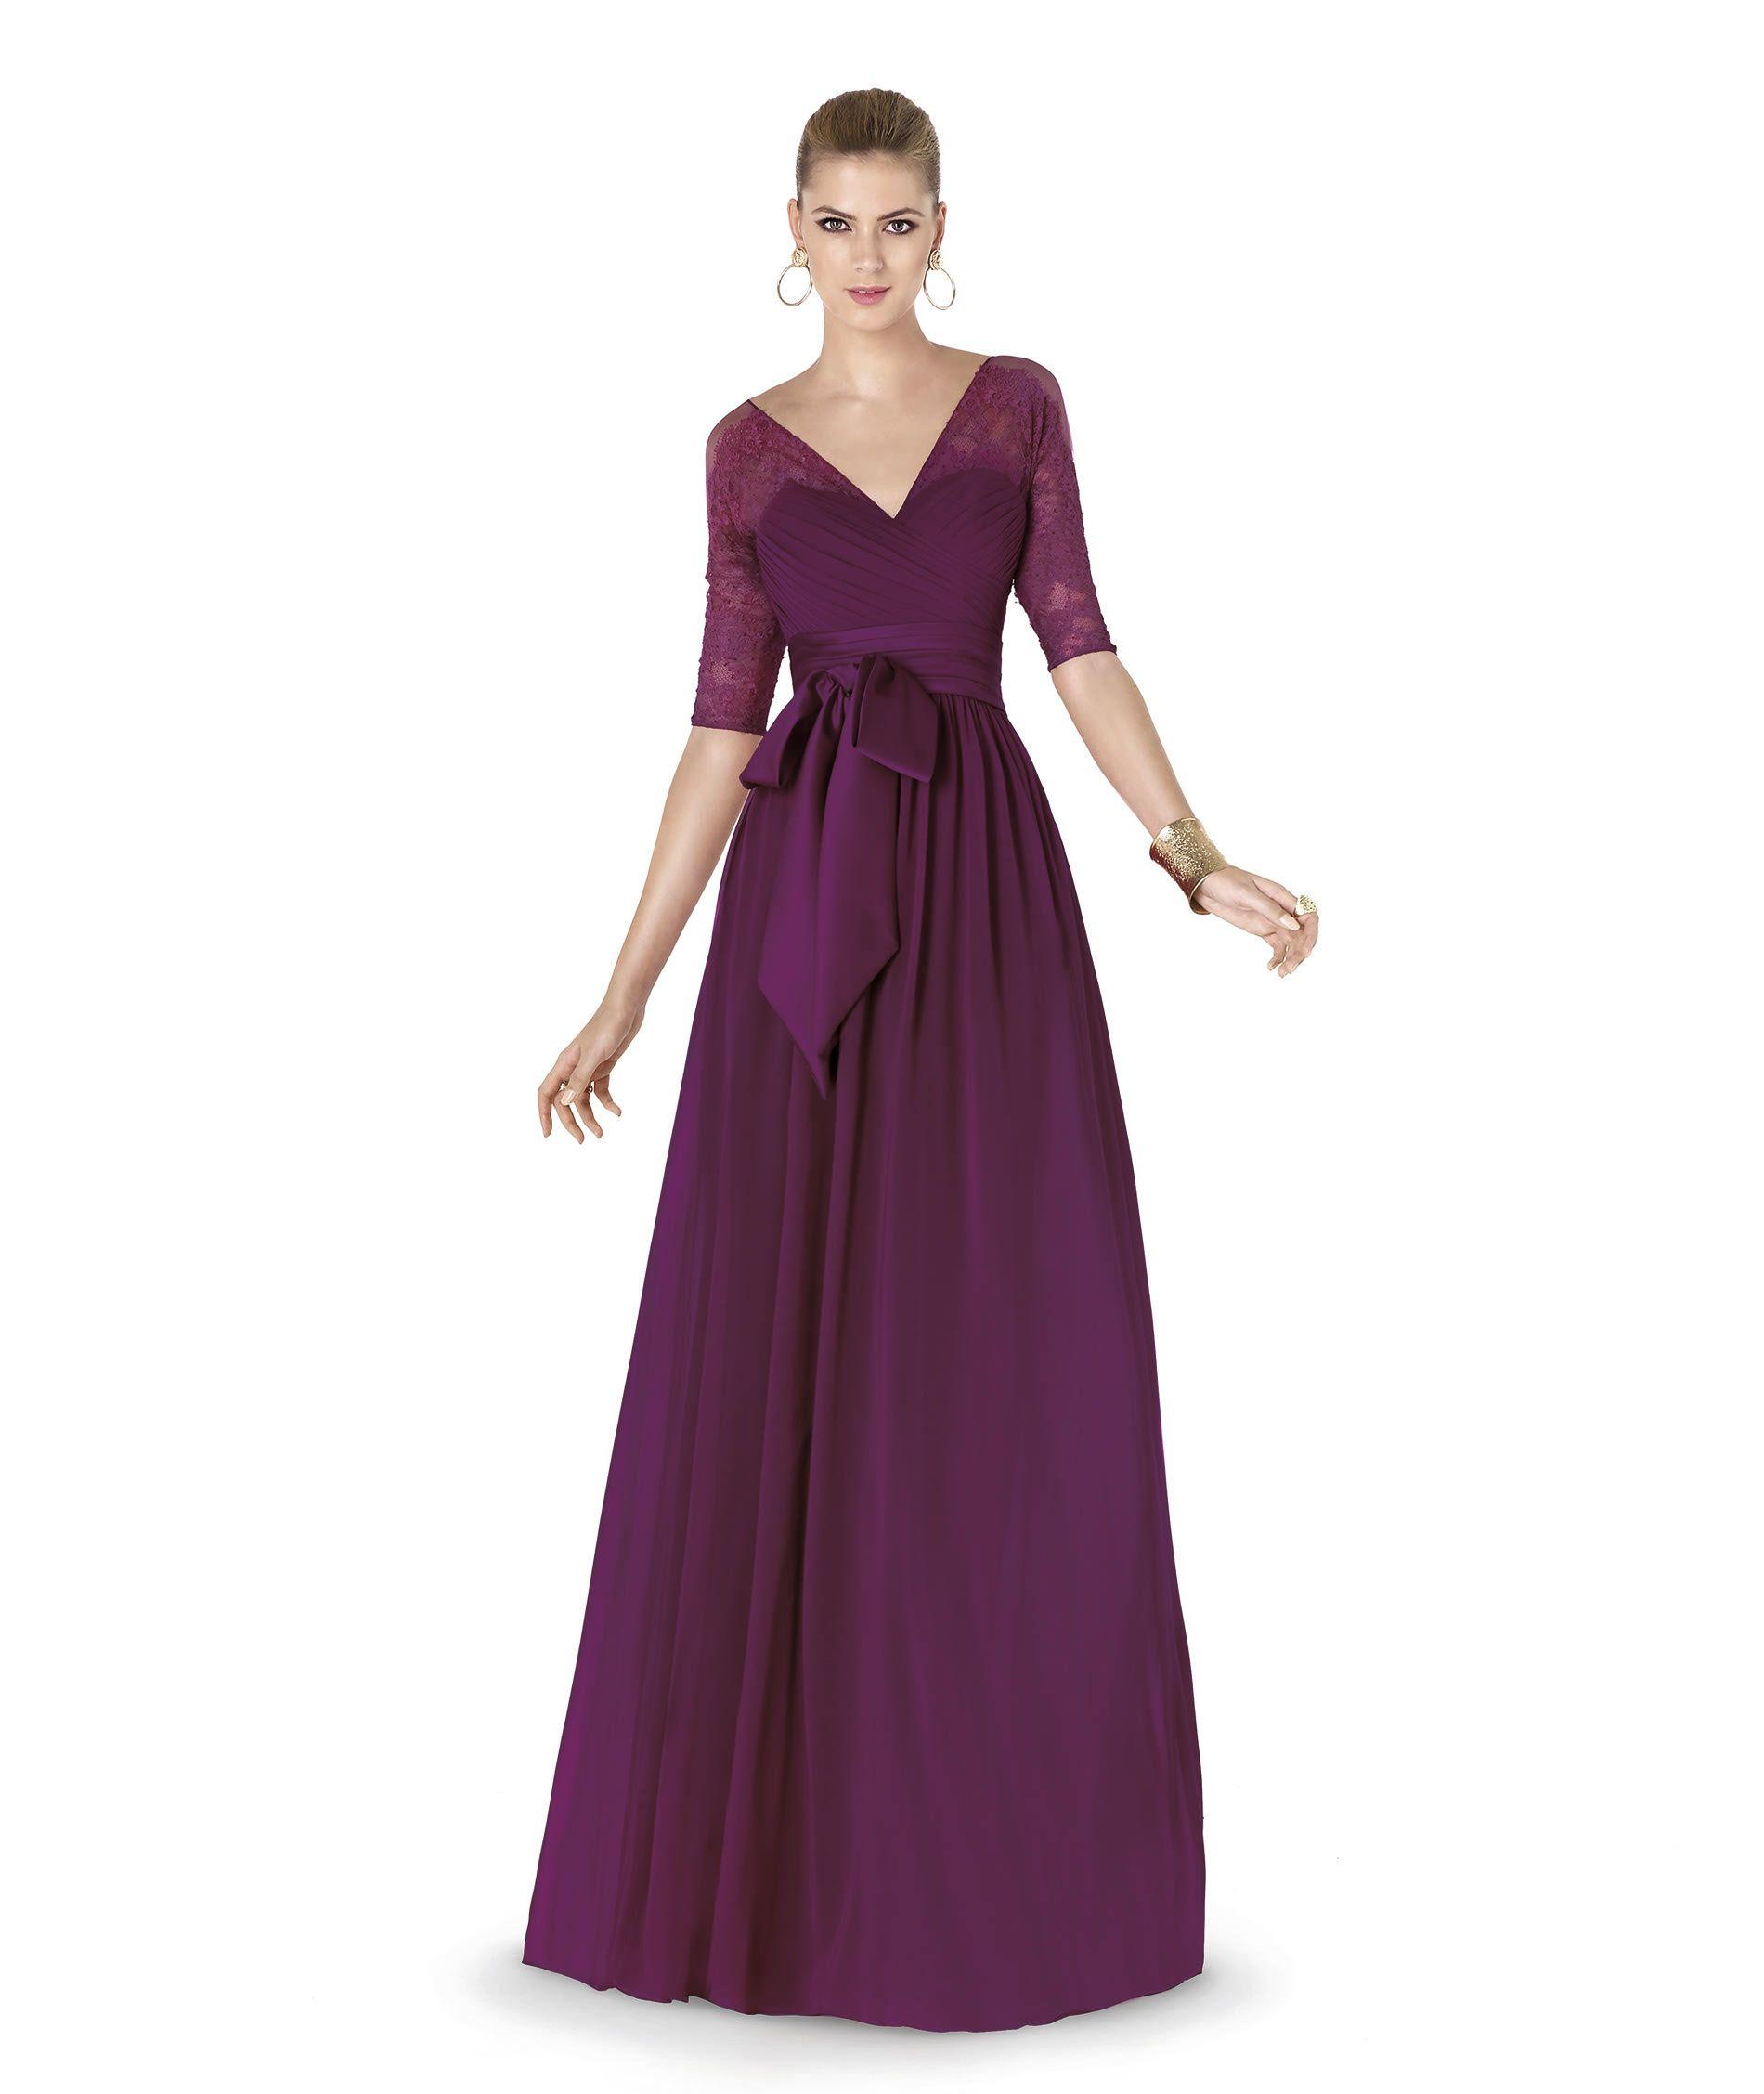 Pronovias apresenta o vestido de festa ALENA da coleção 2015 ...